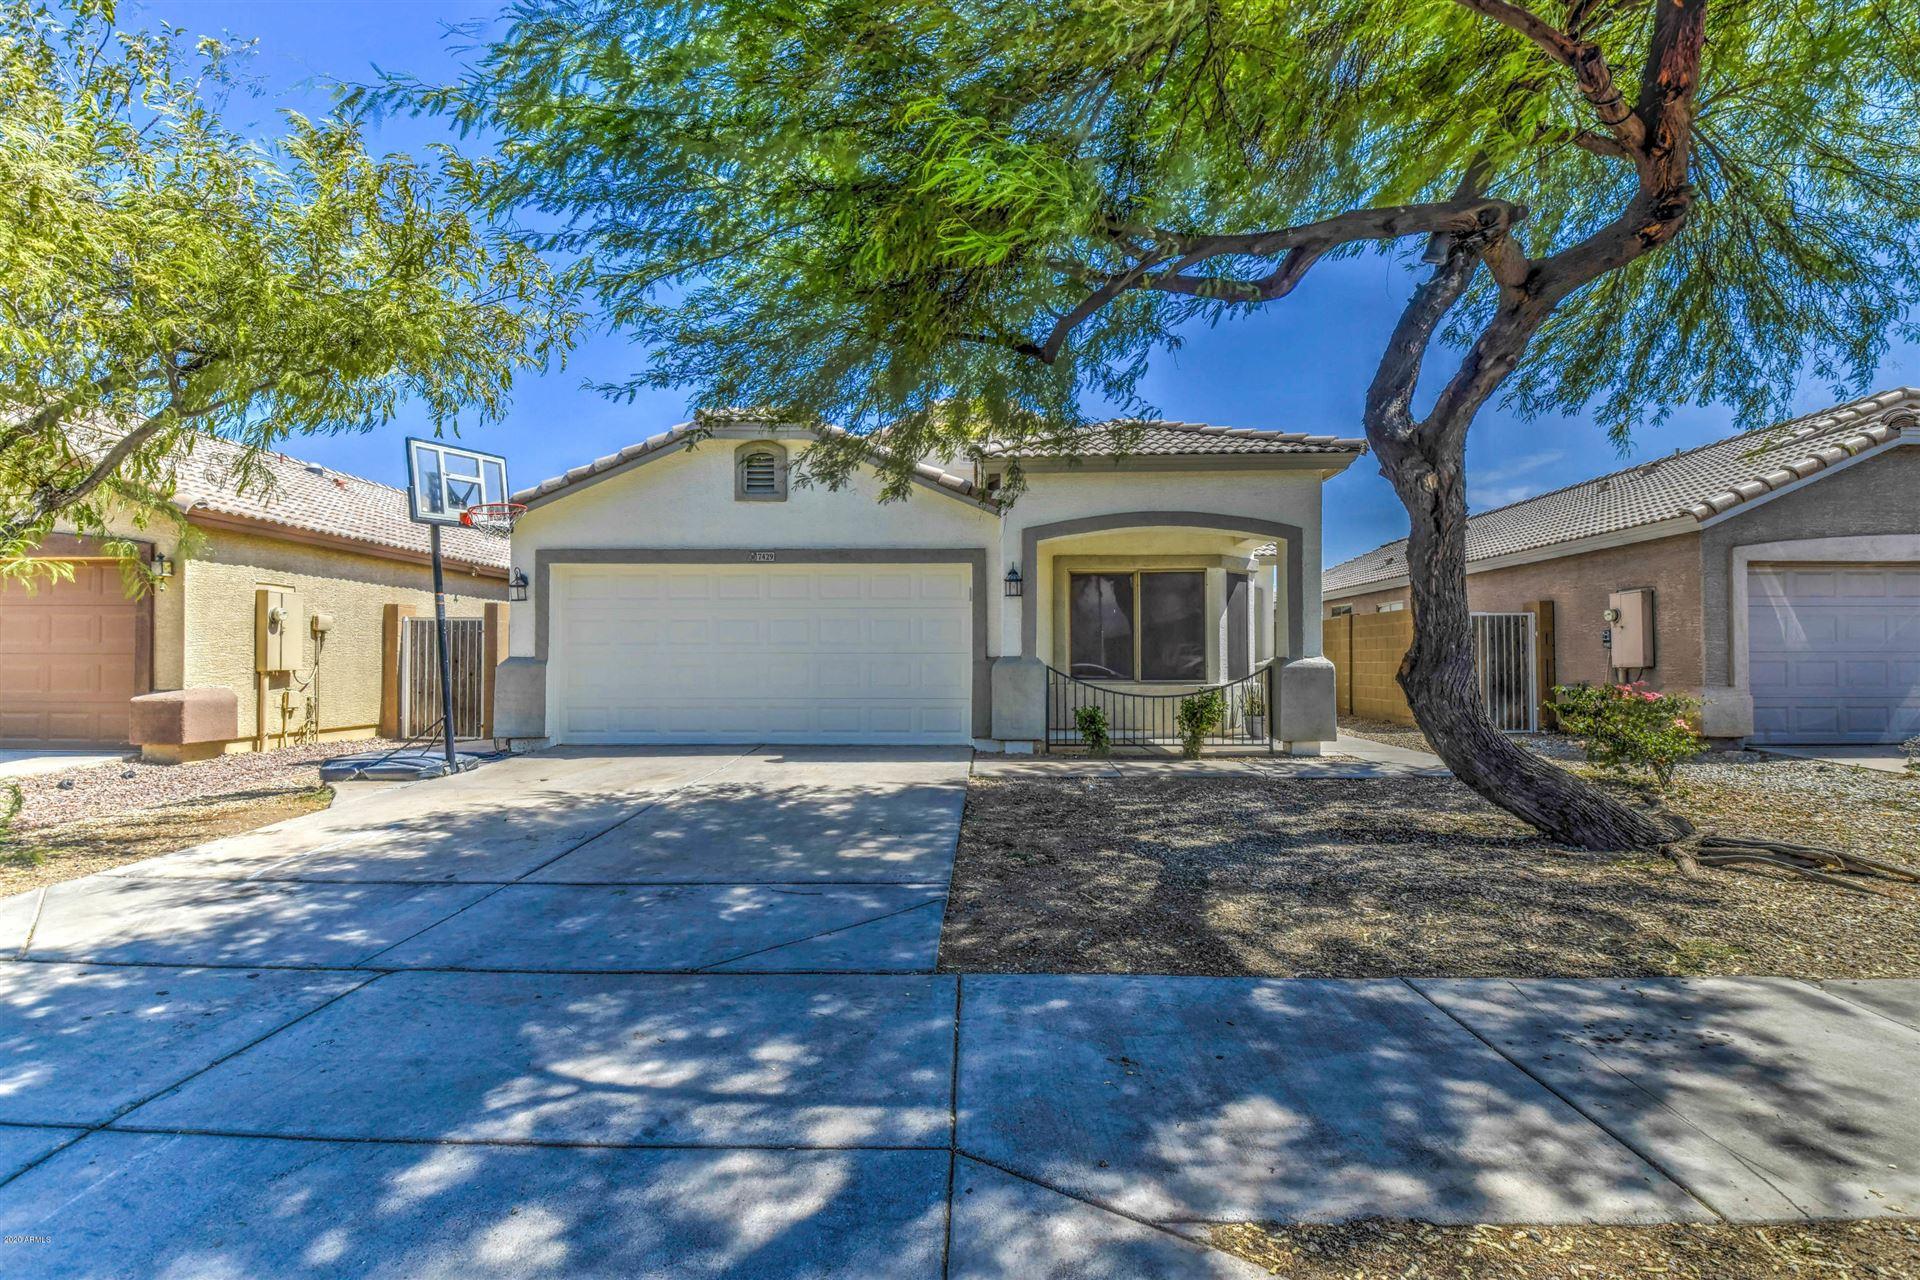 7429 W ELWOOD Street, Phoenix, AZ 85043 - MLS#: 6102731